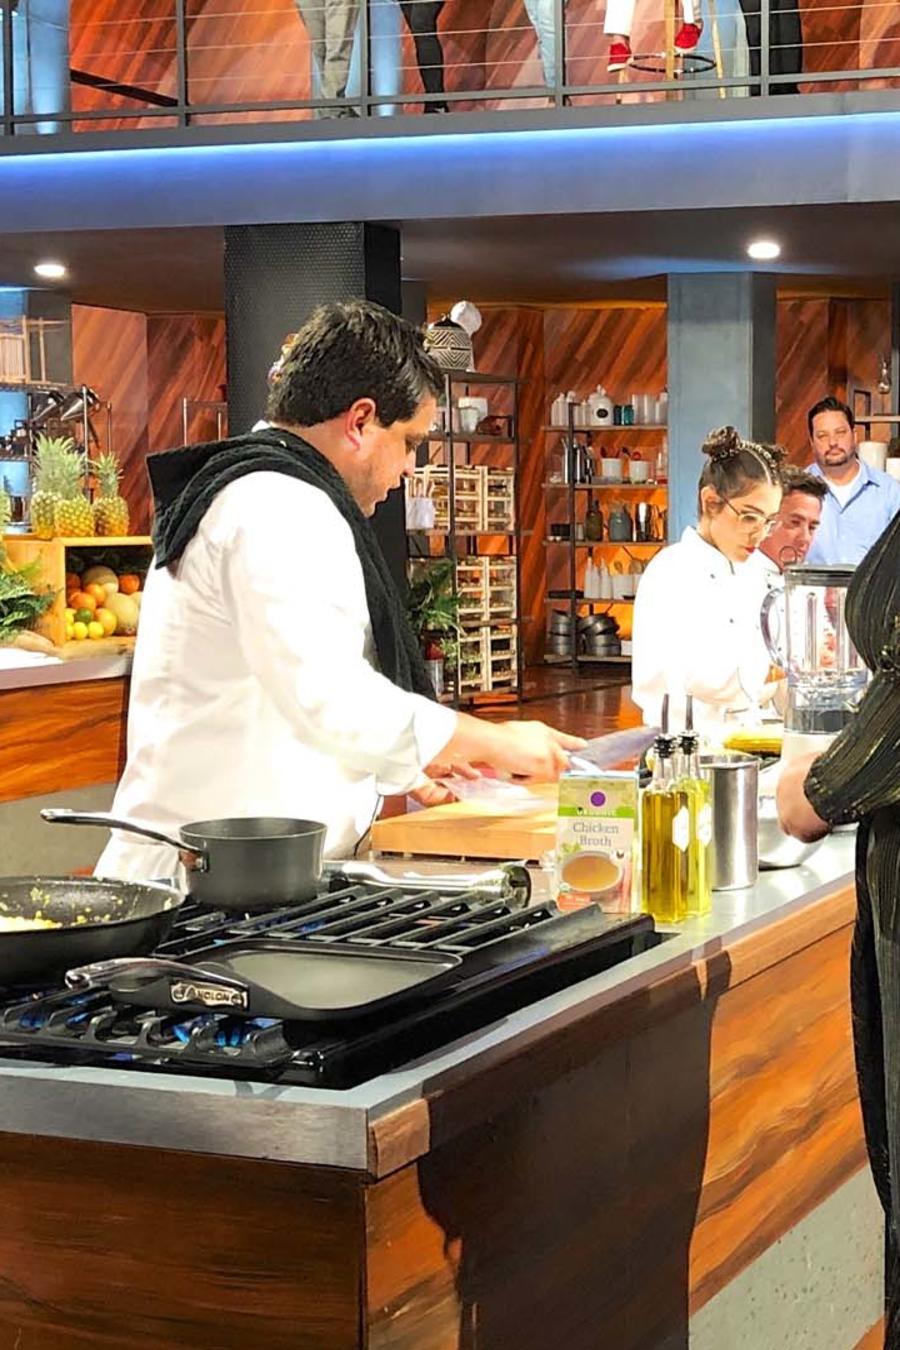 Finalistas preparan la entrada de su menú de autor en la final de MasterChef Latino 2